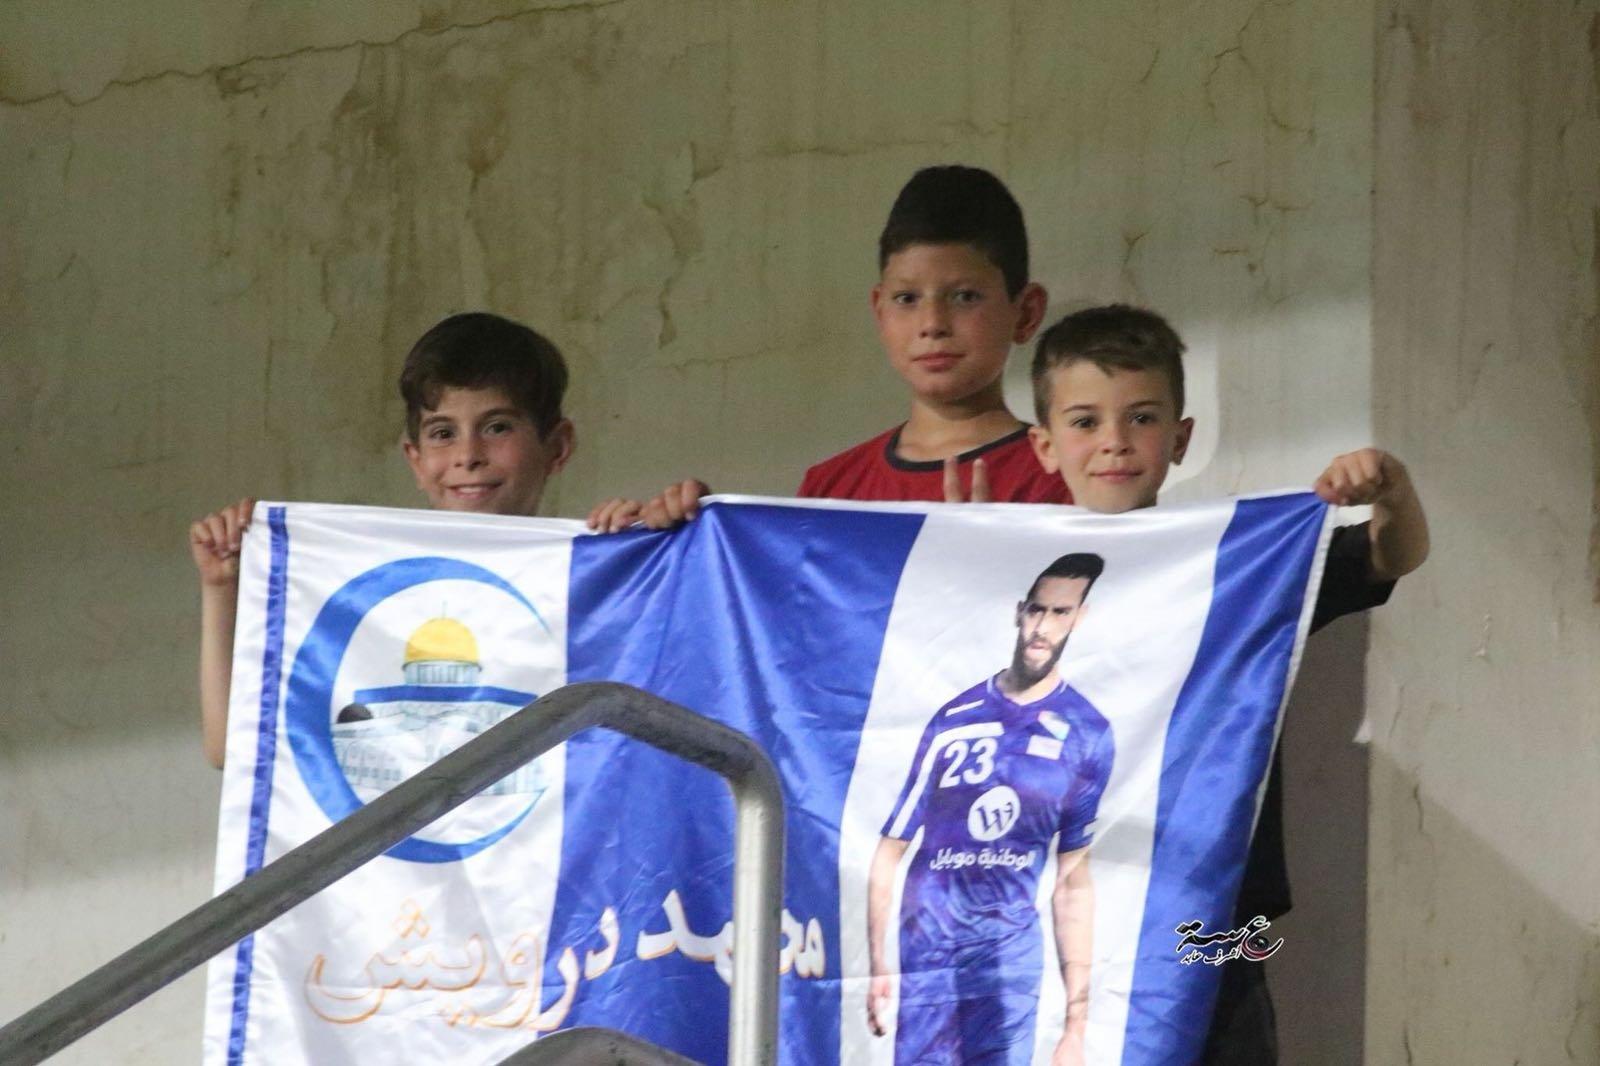 بادرة فرديّة للطالب كامل ابراهيم محمد درويش بدلا من ميسي ورونالدو